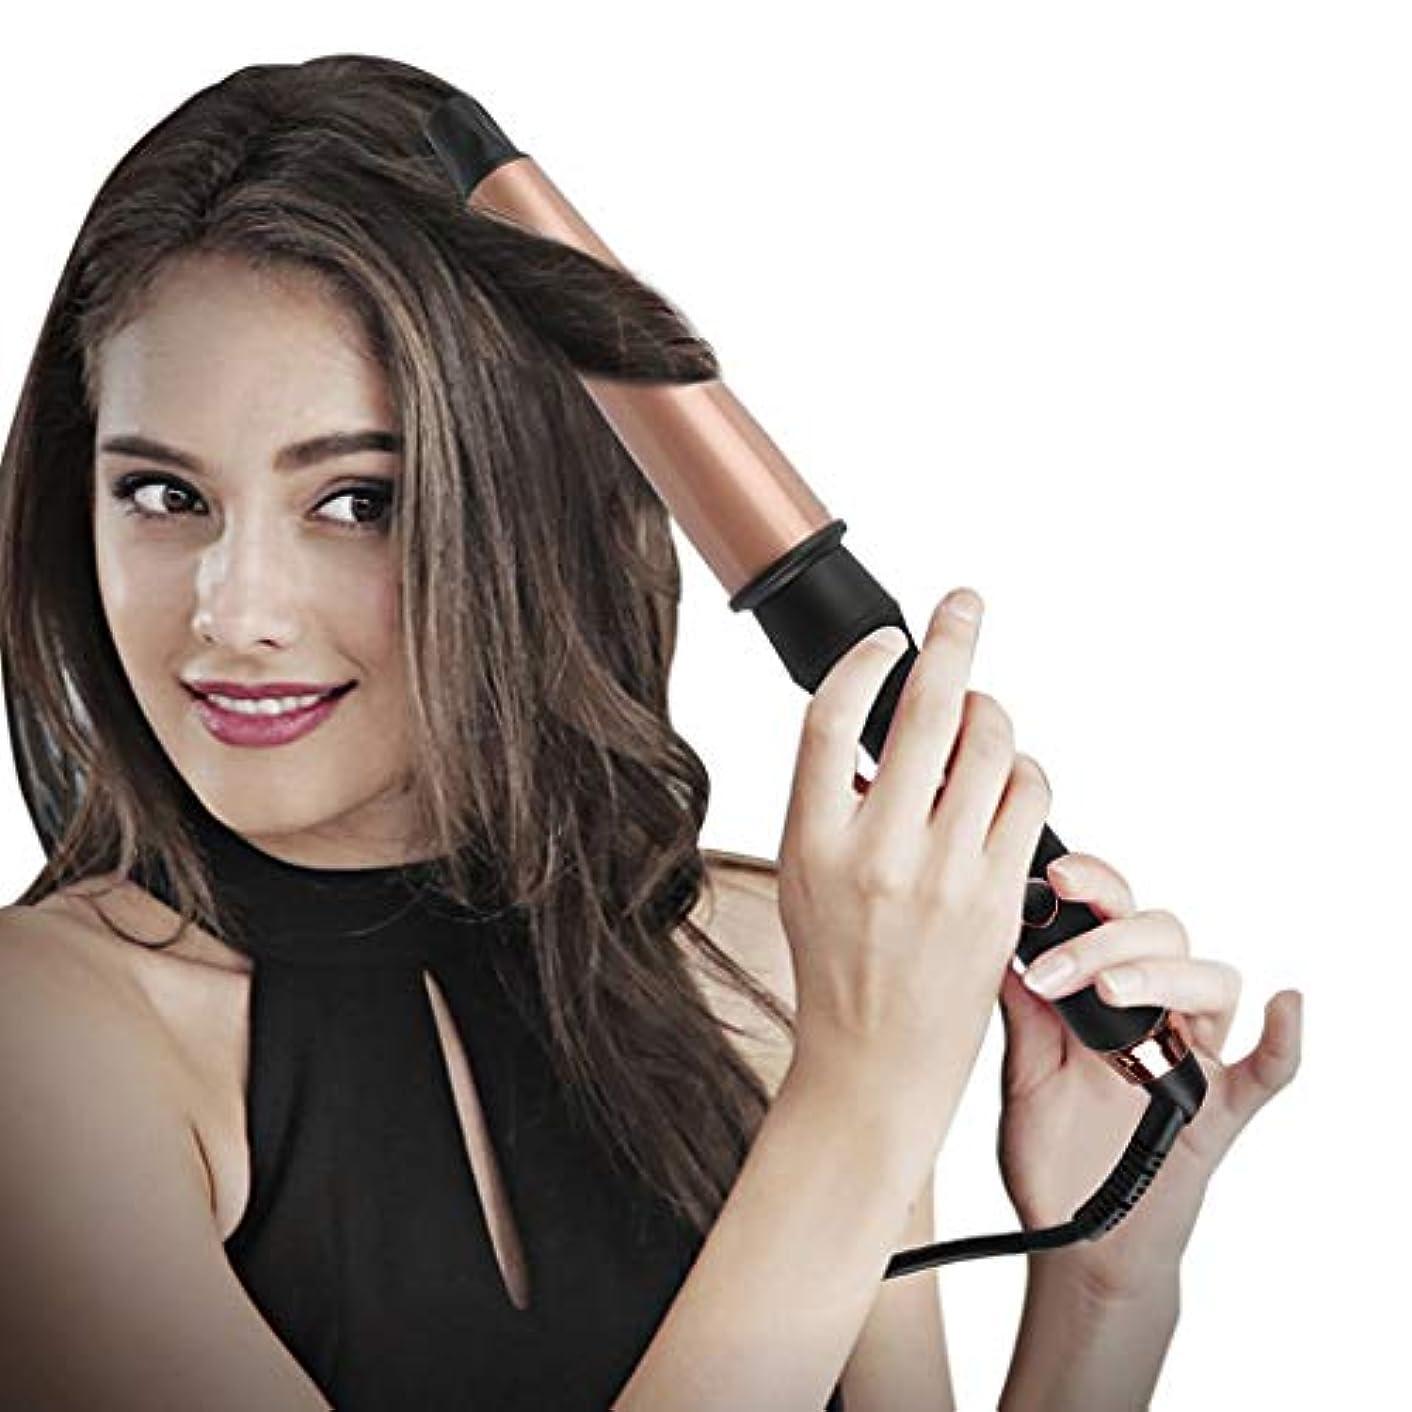 スポンサー保証するぞっとするようなトルマリンセラミックカーリング鉄カーリングアイロンスパイラルヘアスティック手袋を送信する髪カーラーパーマ液晶自動カーリングアイロンポータブルヘアカーラー髪を傷つけるしない